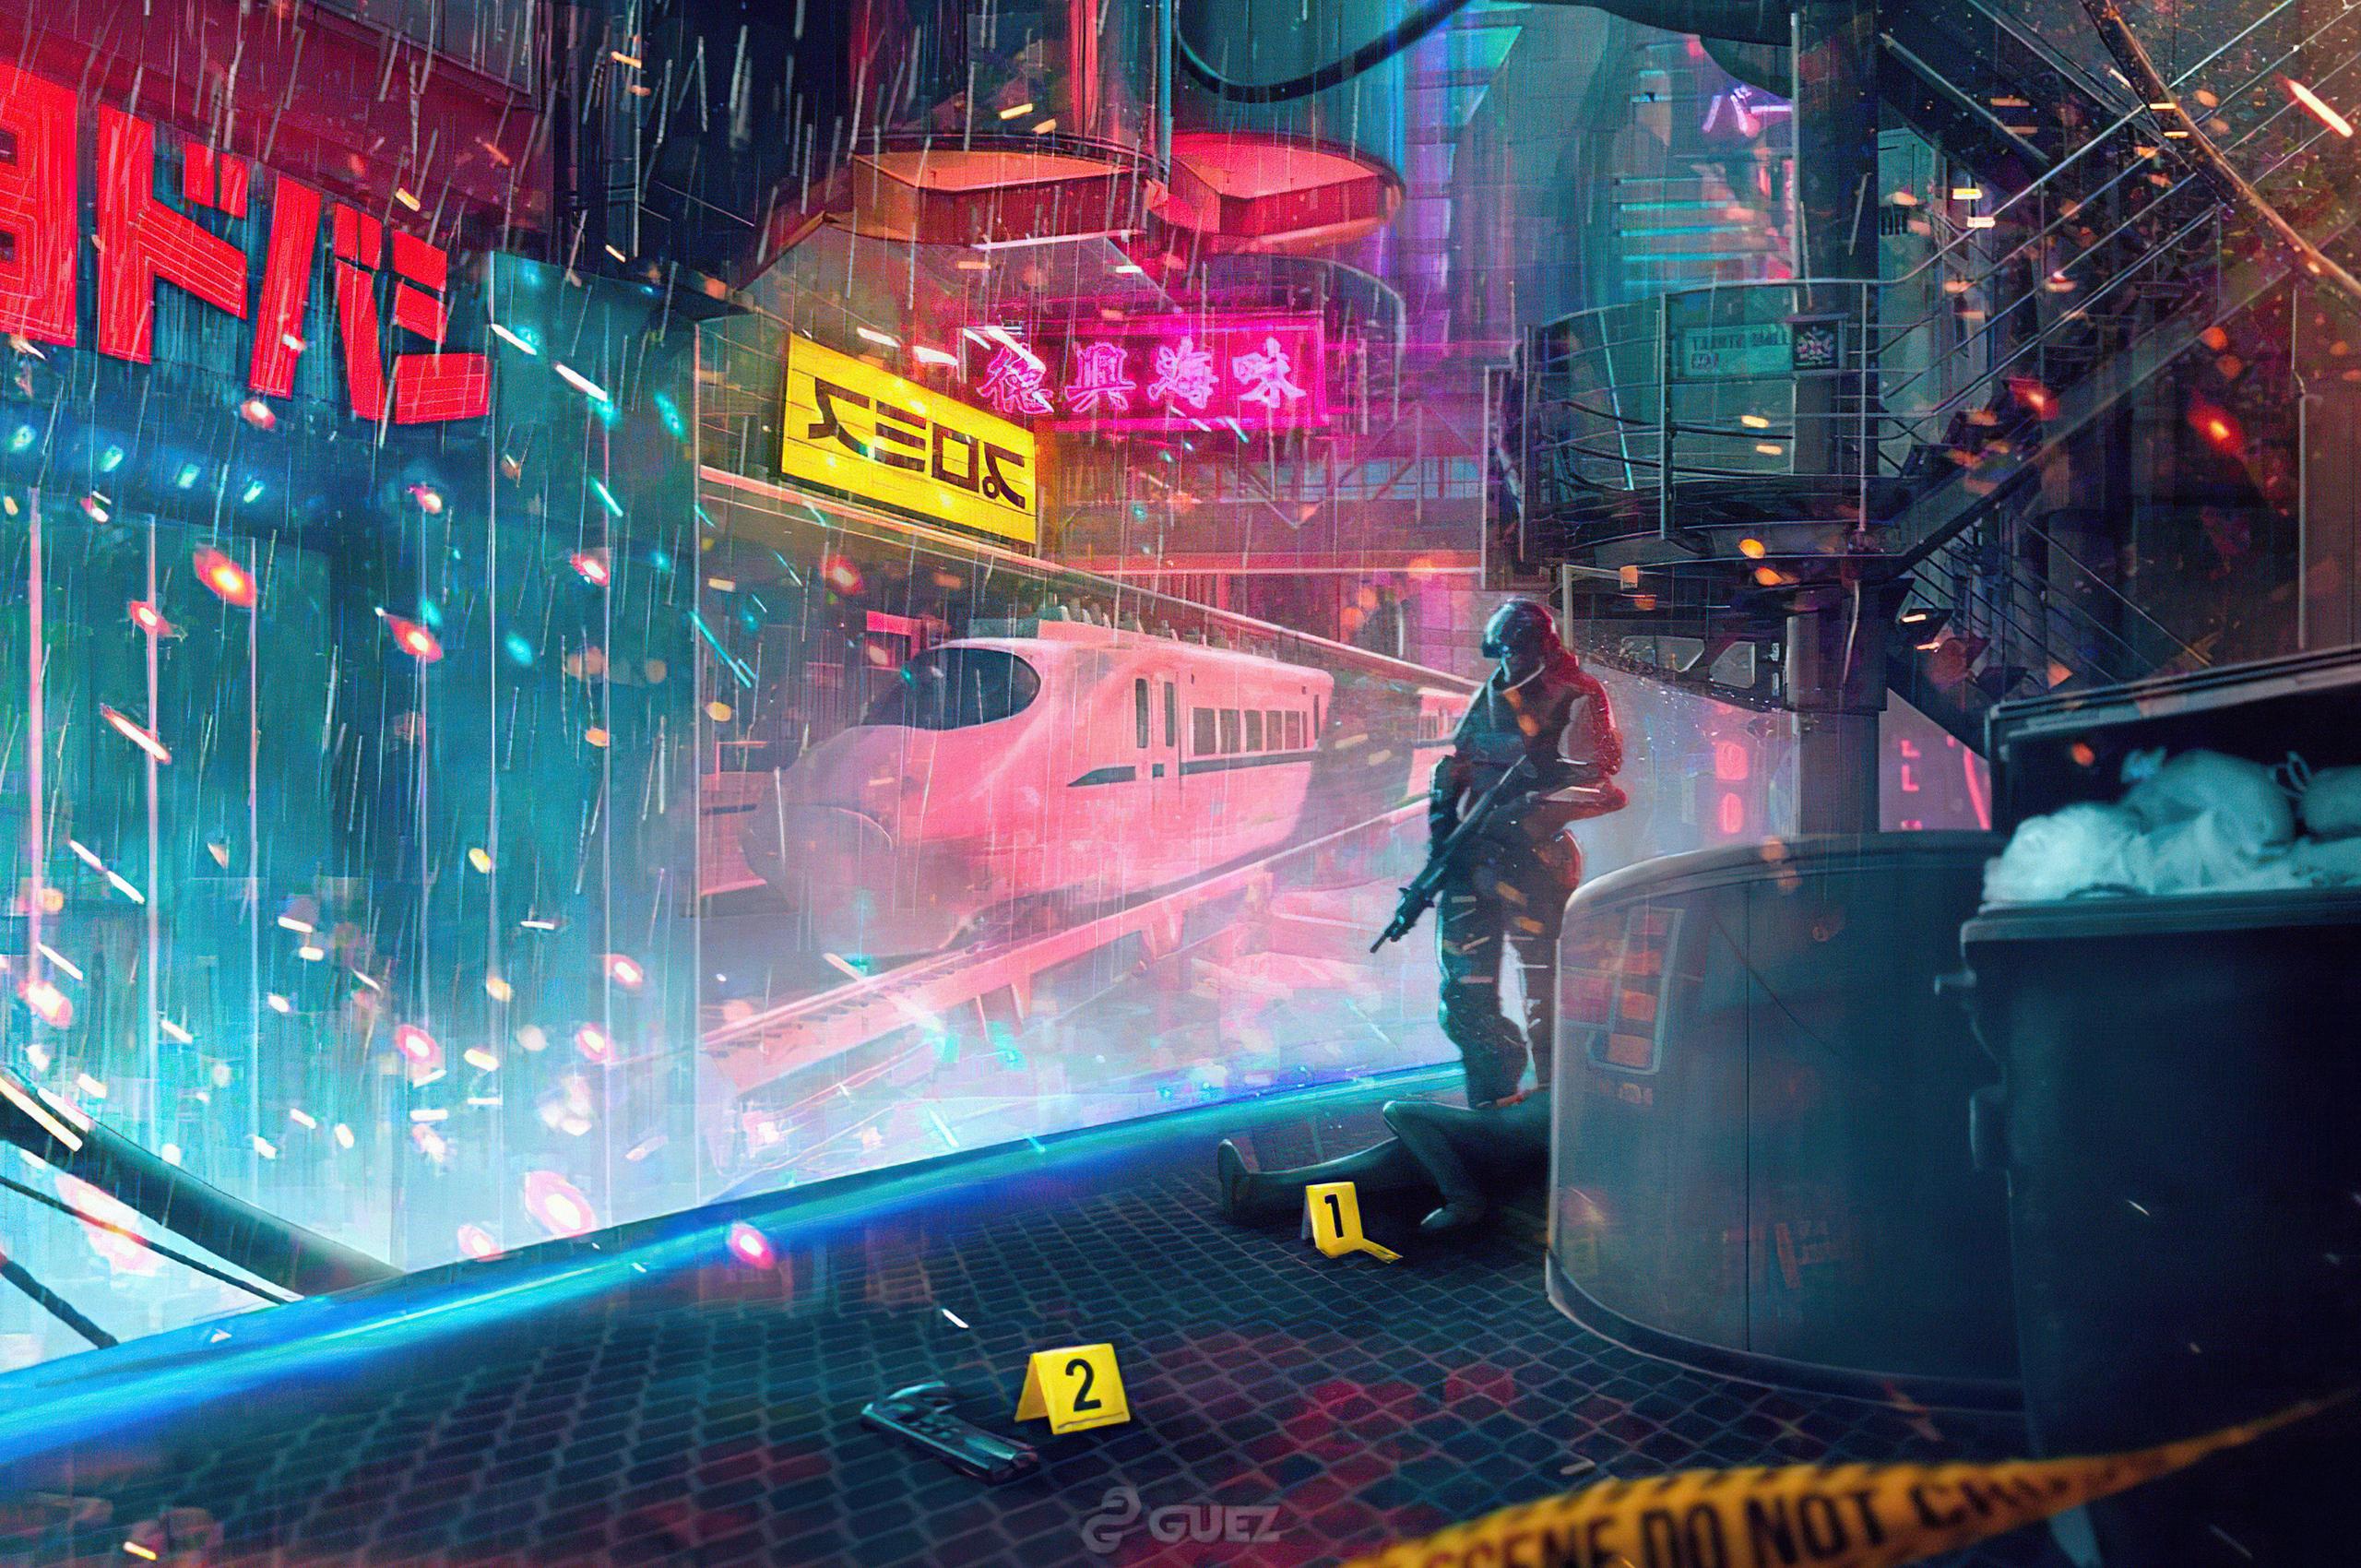 cyber-crime-4k-6b.jpg